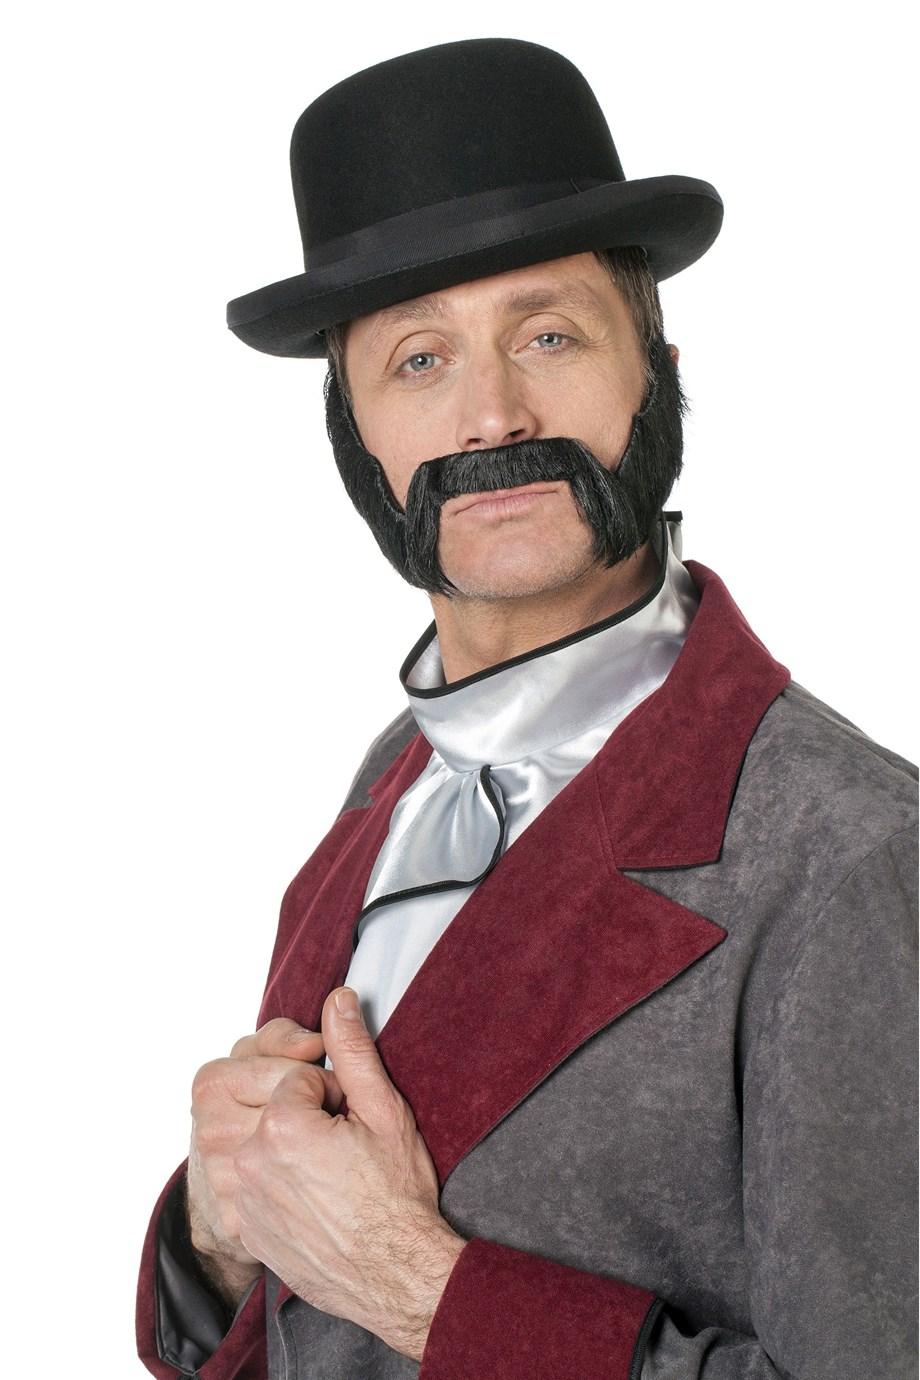 herrasmiehen hattu